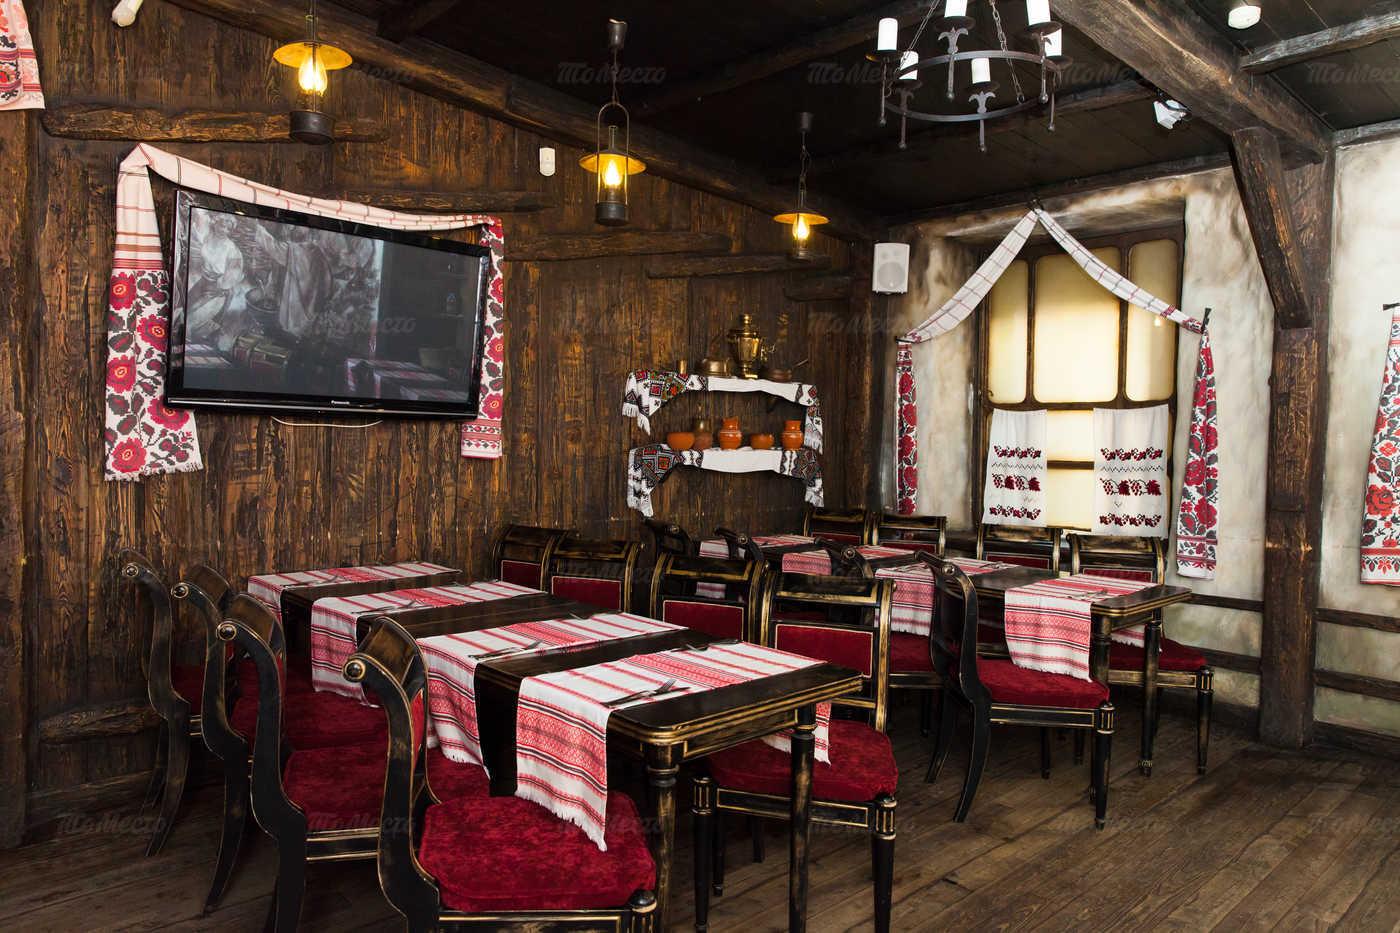 Меню ресторана Хутор Водограй на Караванной улице